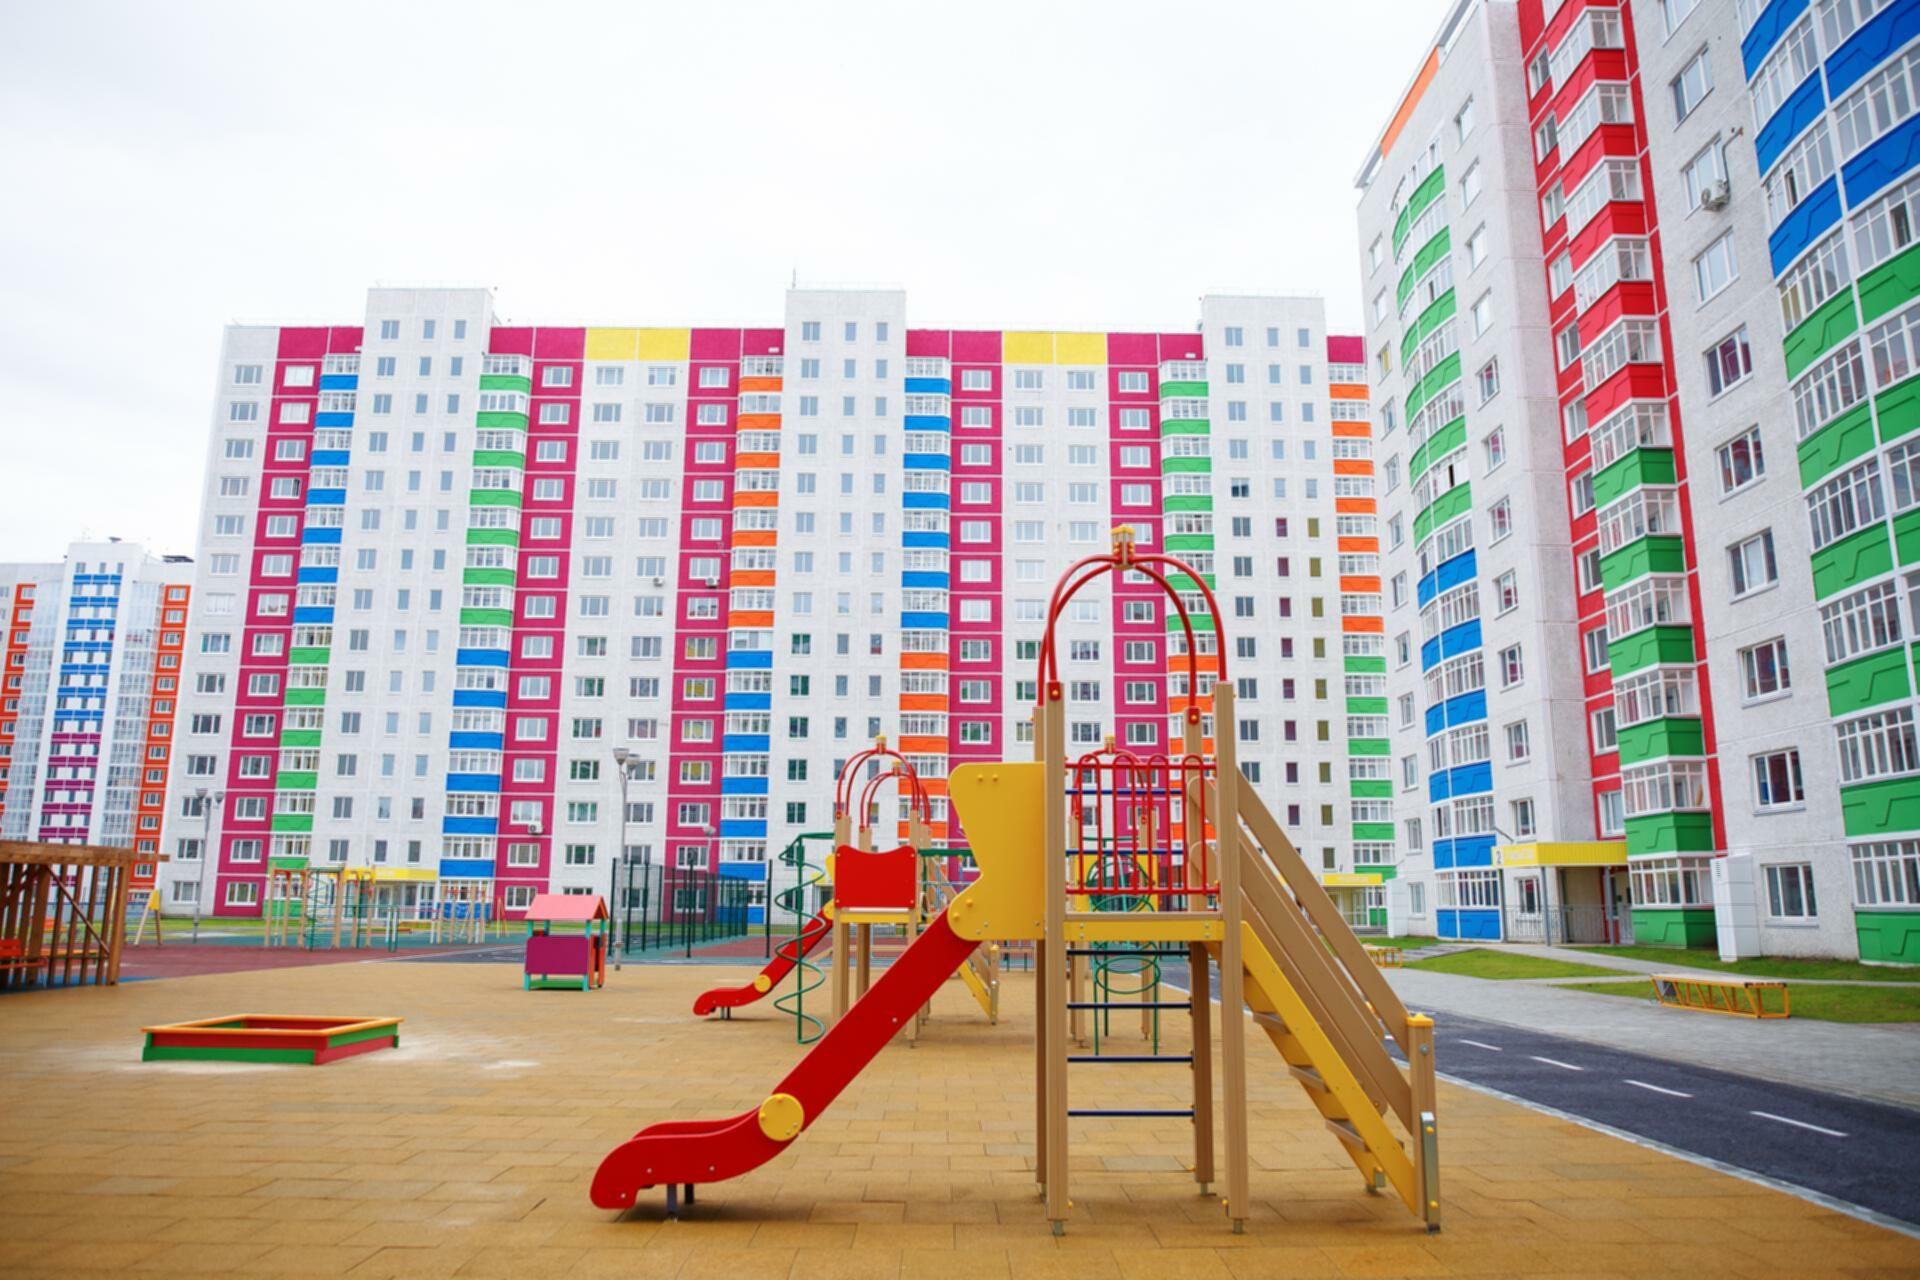 Еще есть квартиры в готовом доме в районе Патрушева